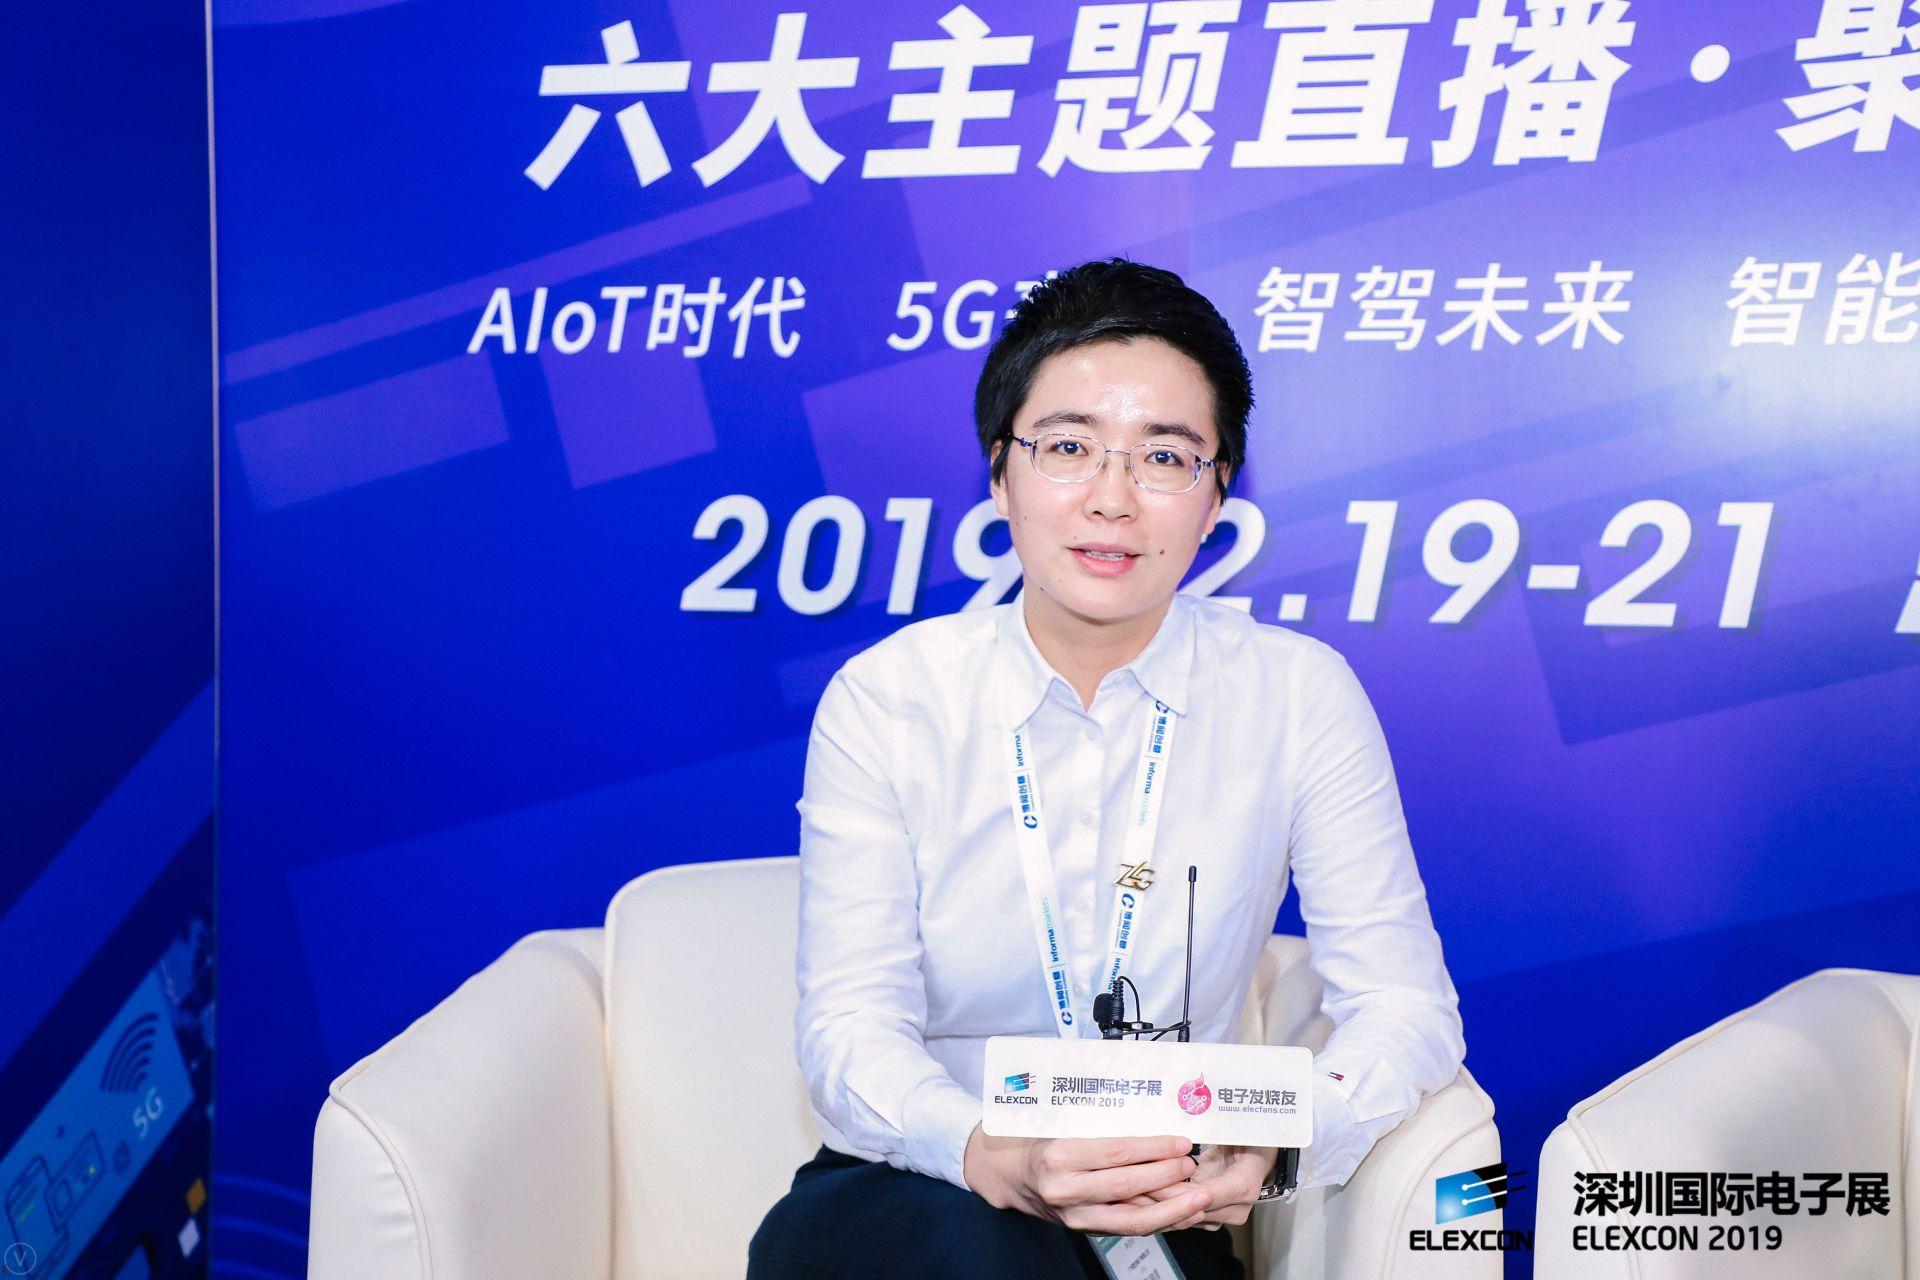 广州致远电子有限公司常务副总李佰华。